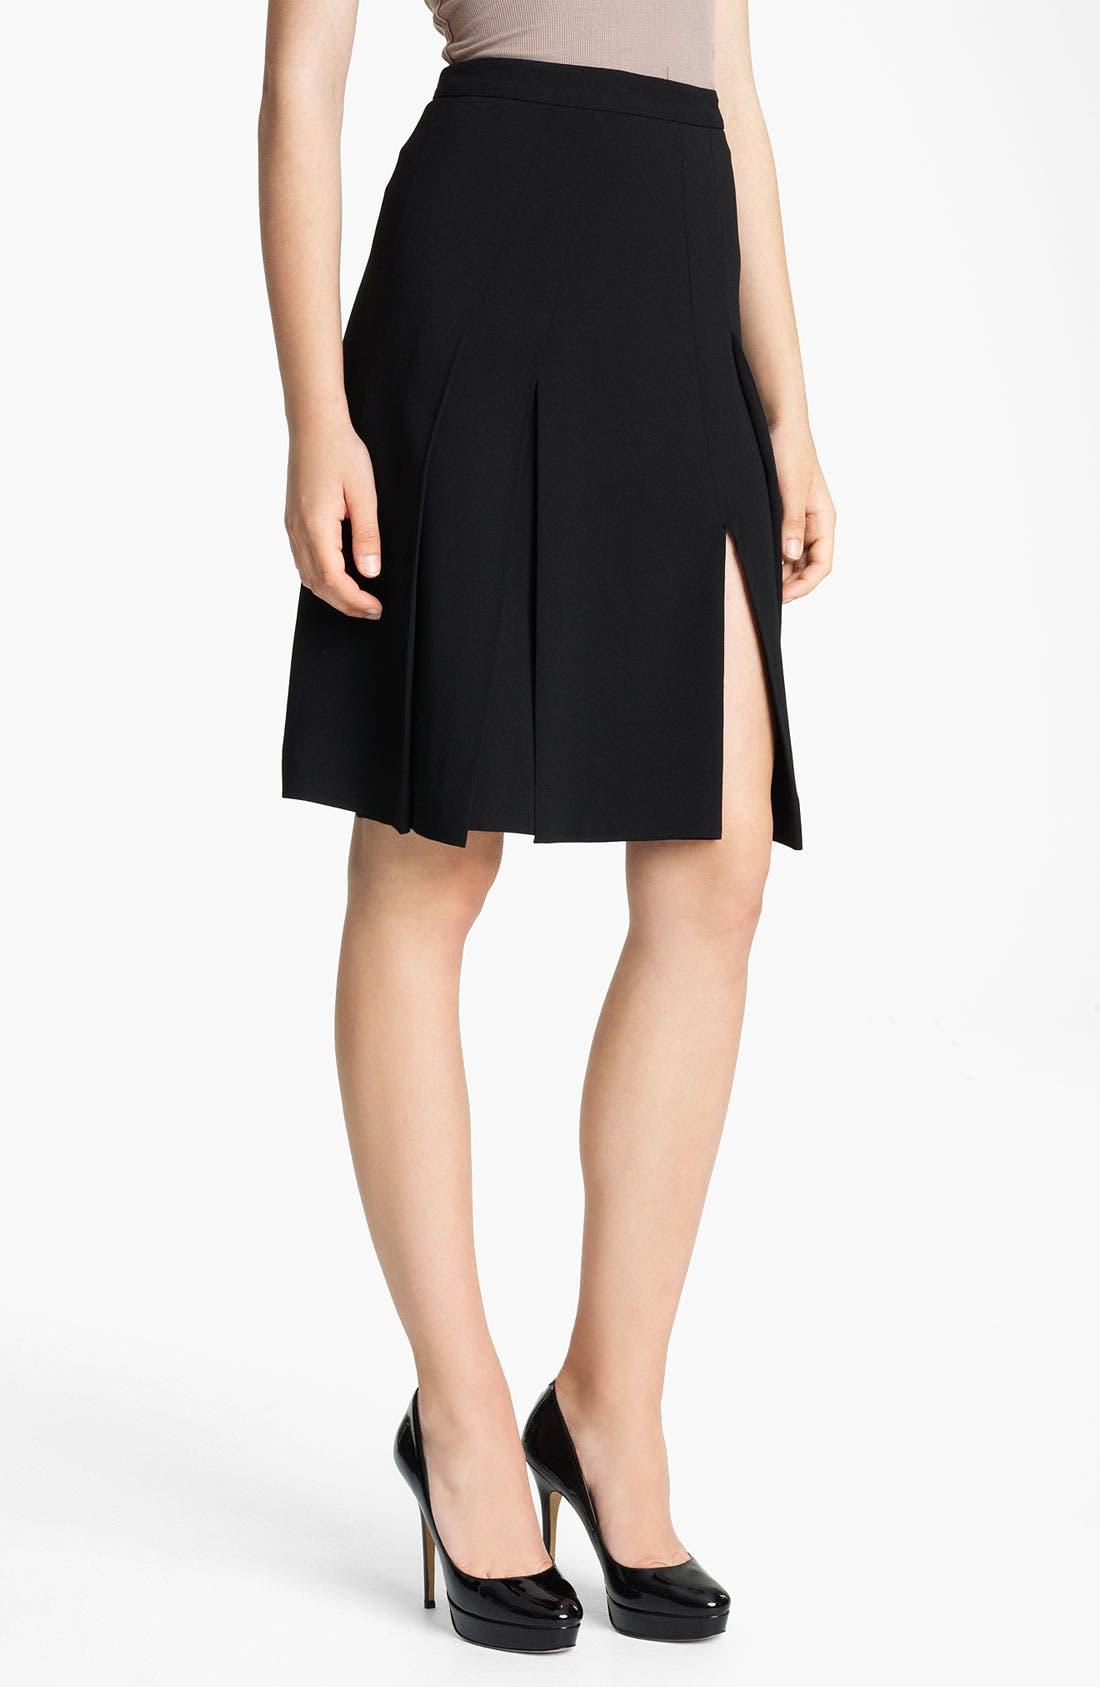 Alternate Image 1 Selected - Vionnet Pleat Skirt